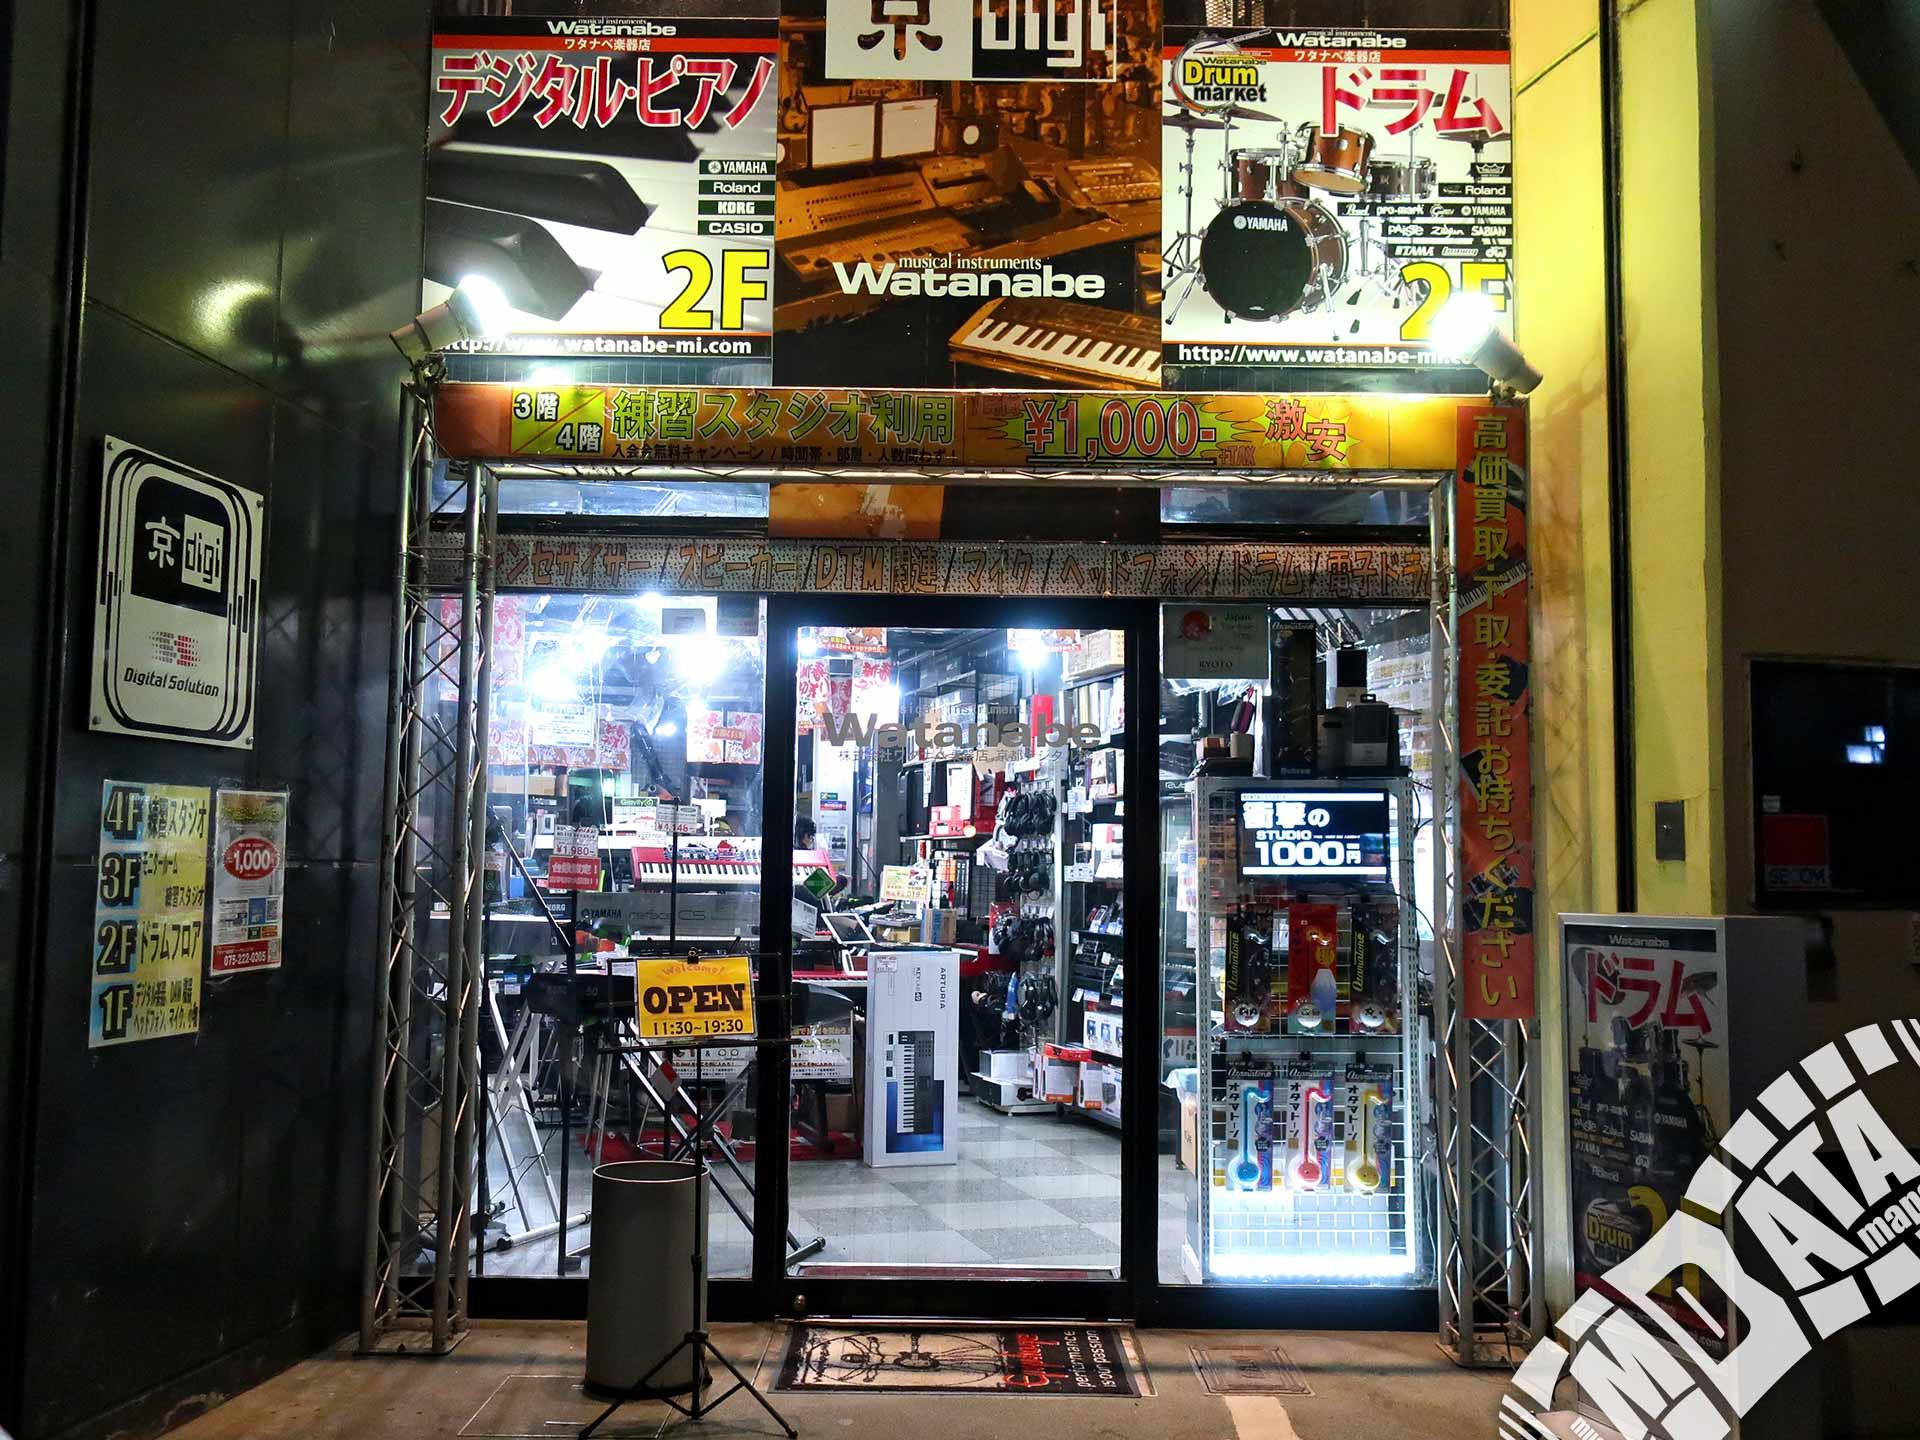 店 ワタナベ 楽器